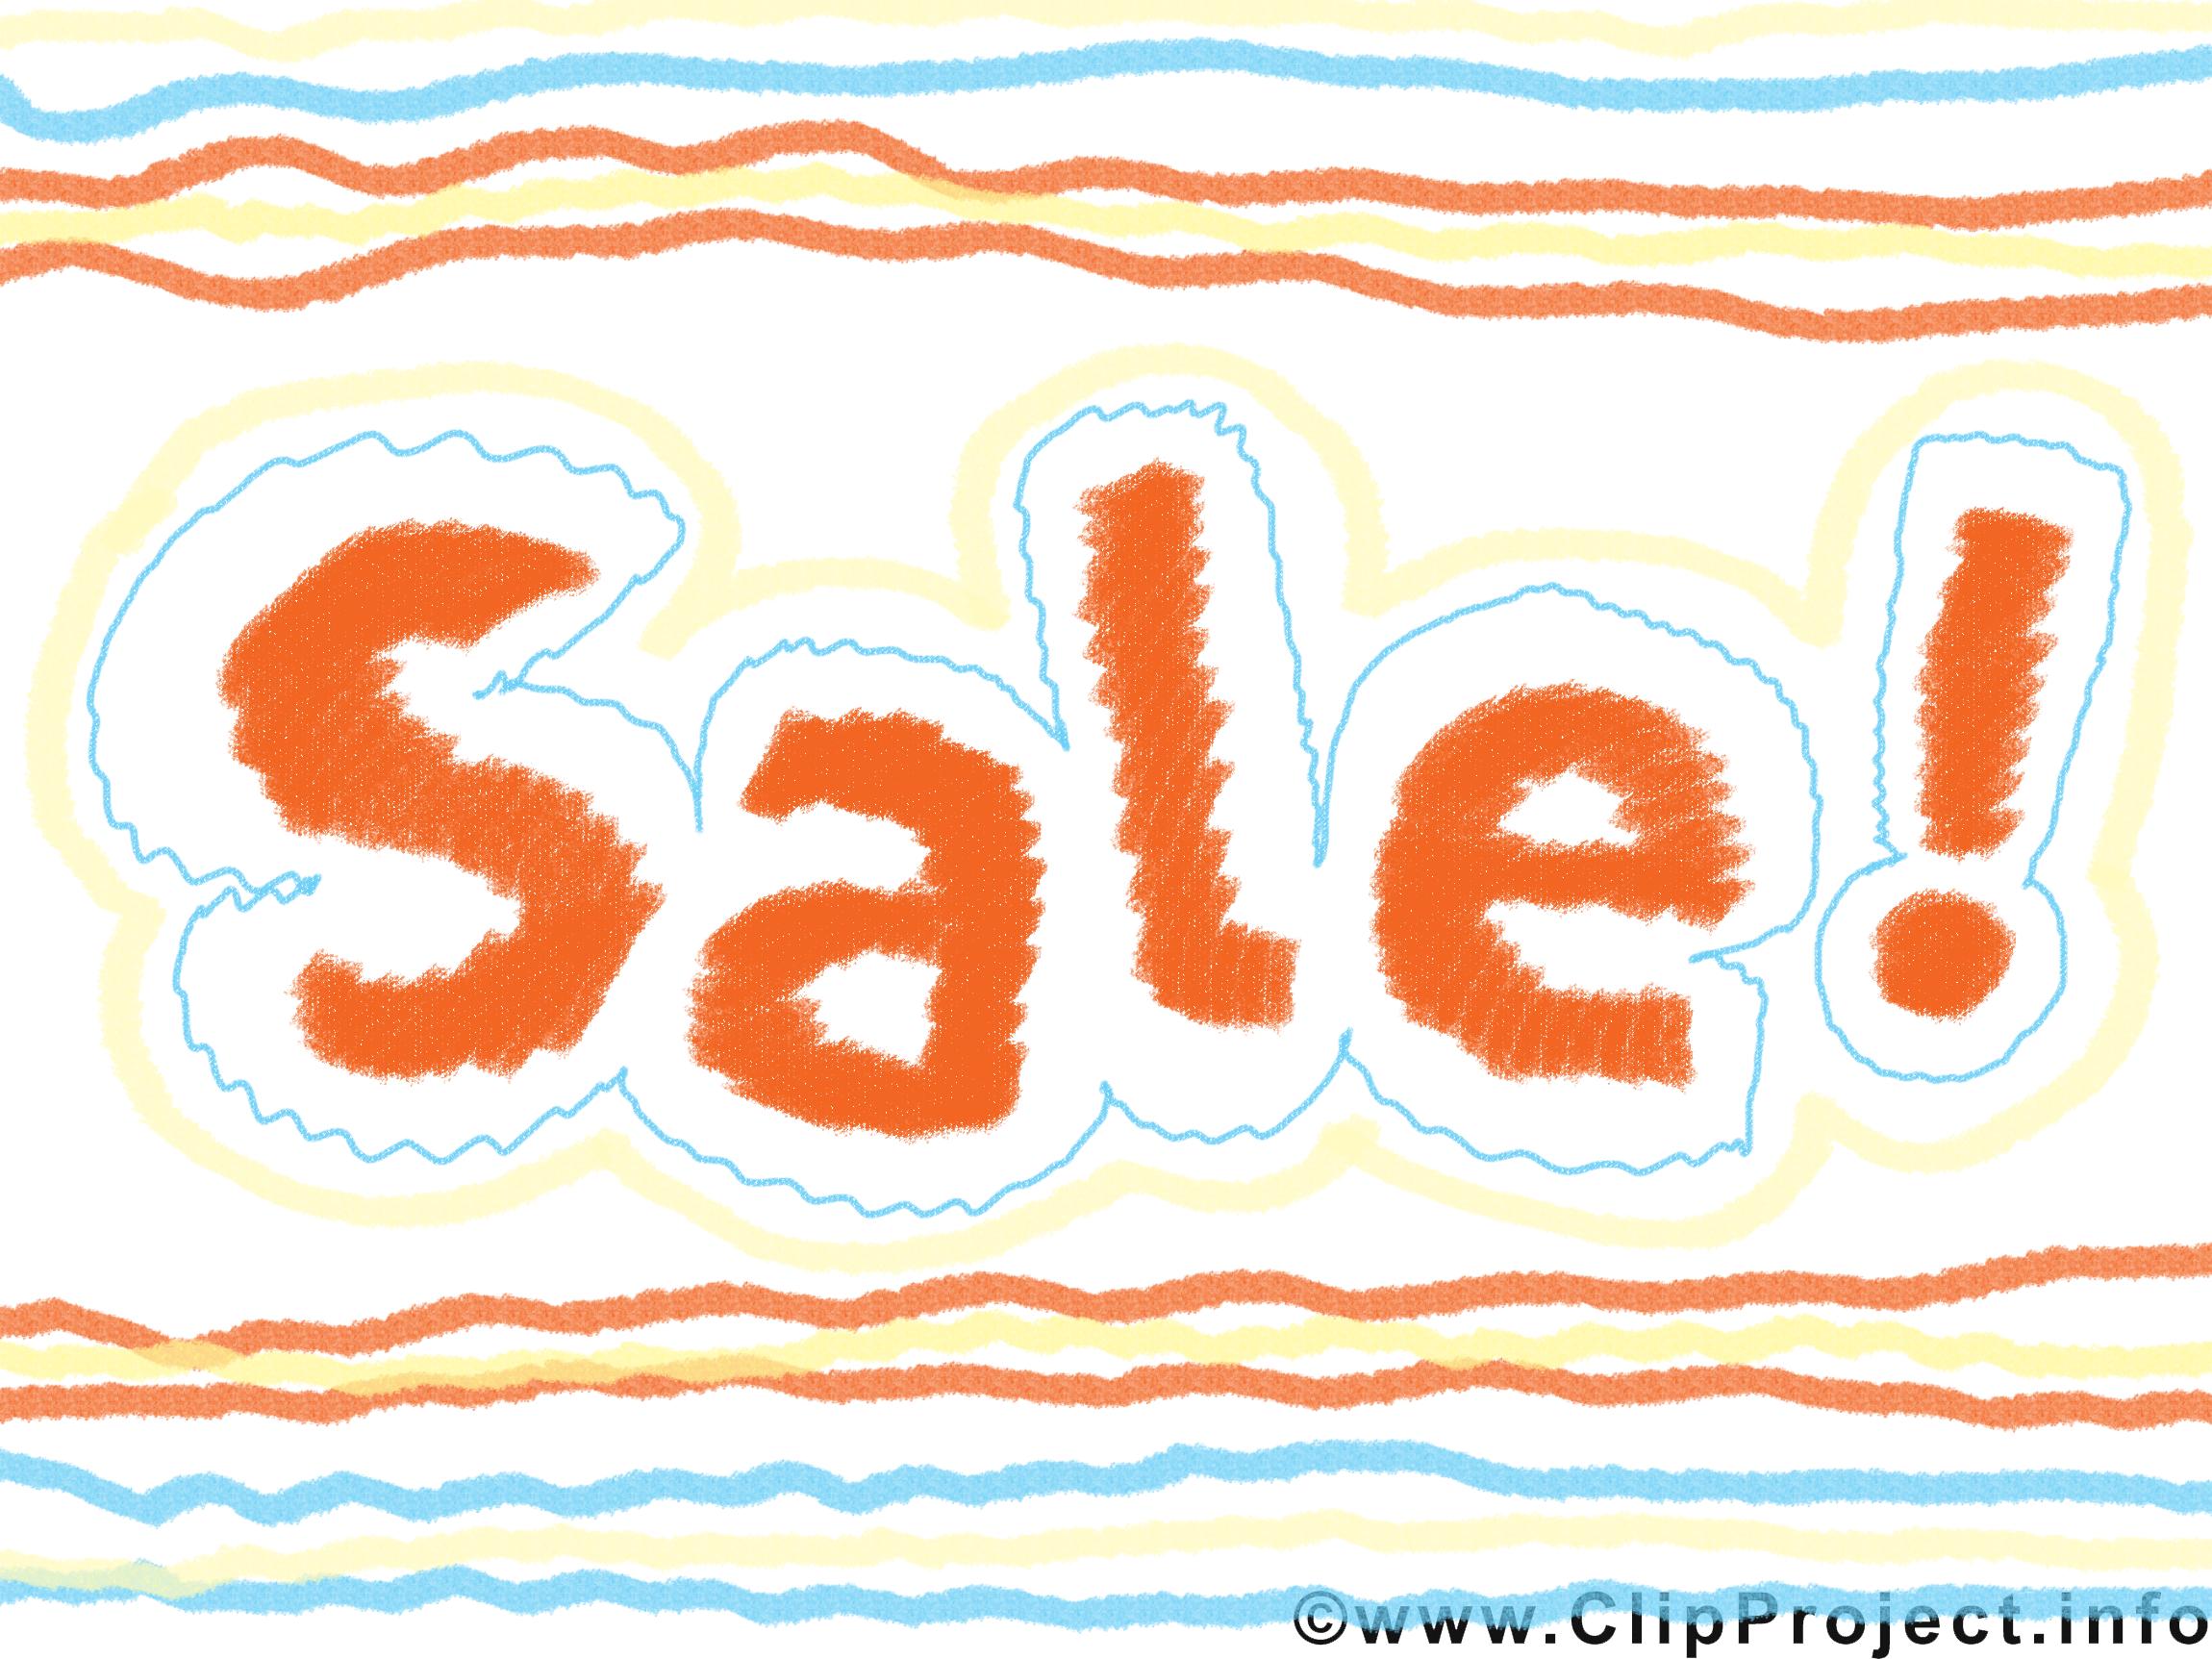 Liquidation image à télécharger – Entreprise clipart